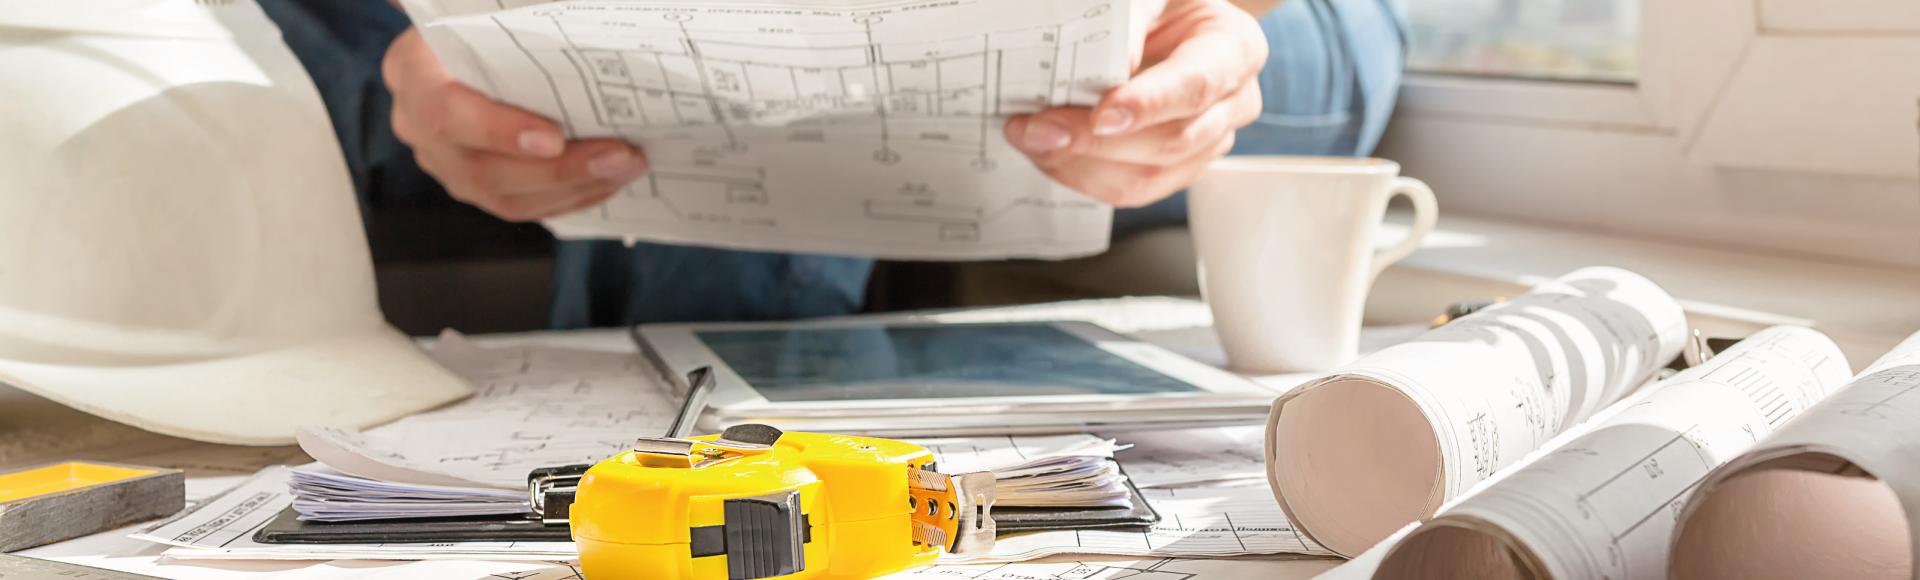 onafhankelijk, eerlijk en degelijk bouwkundig advies